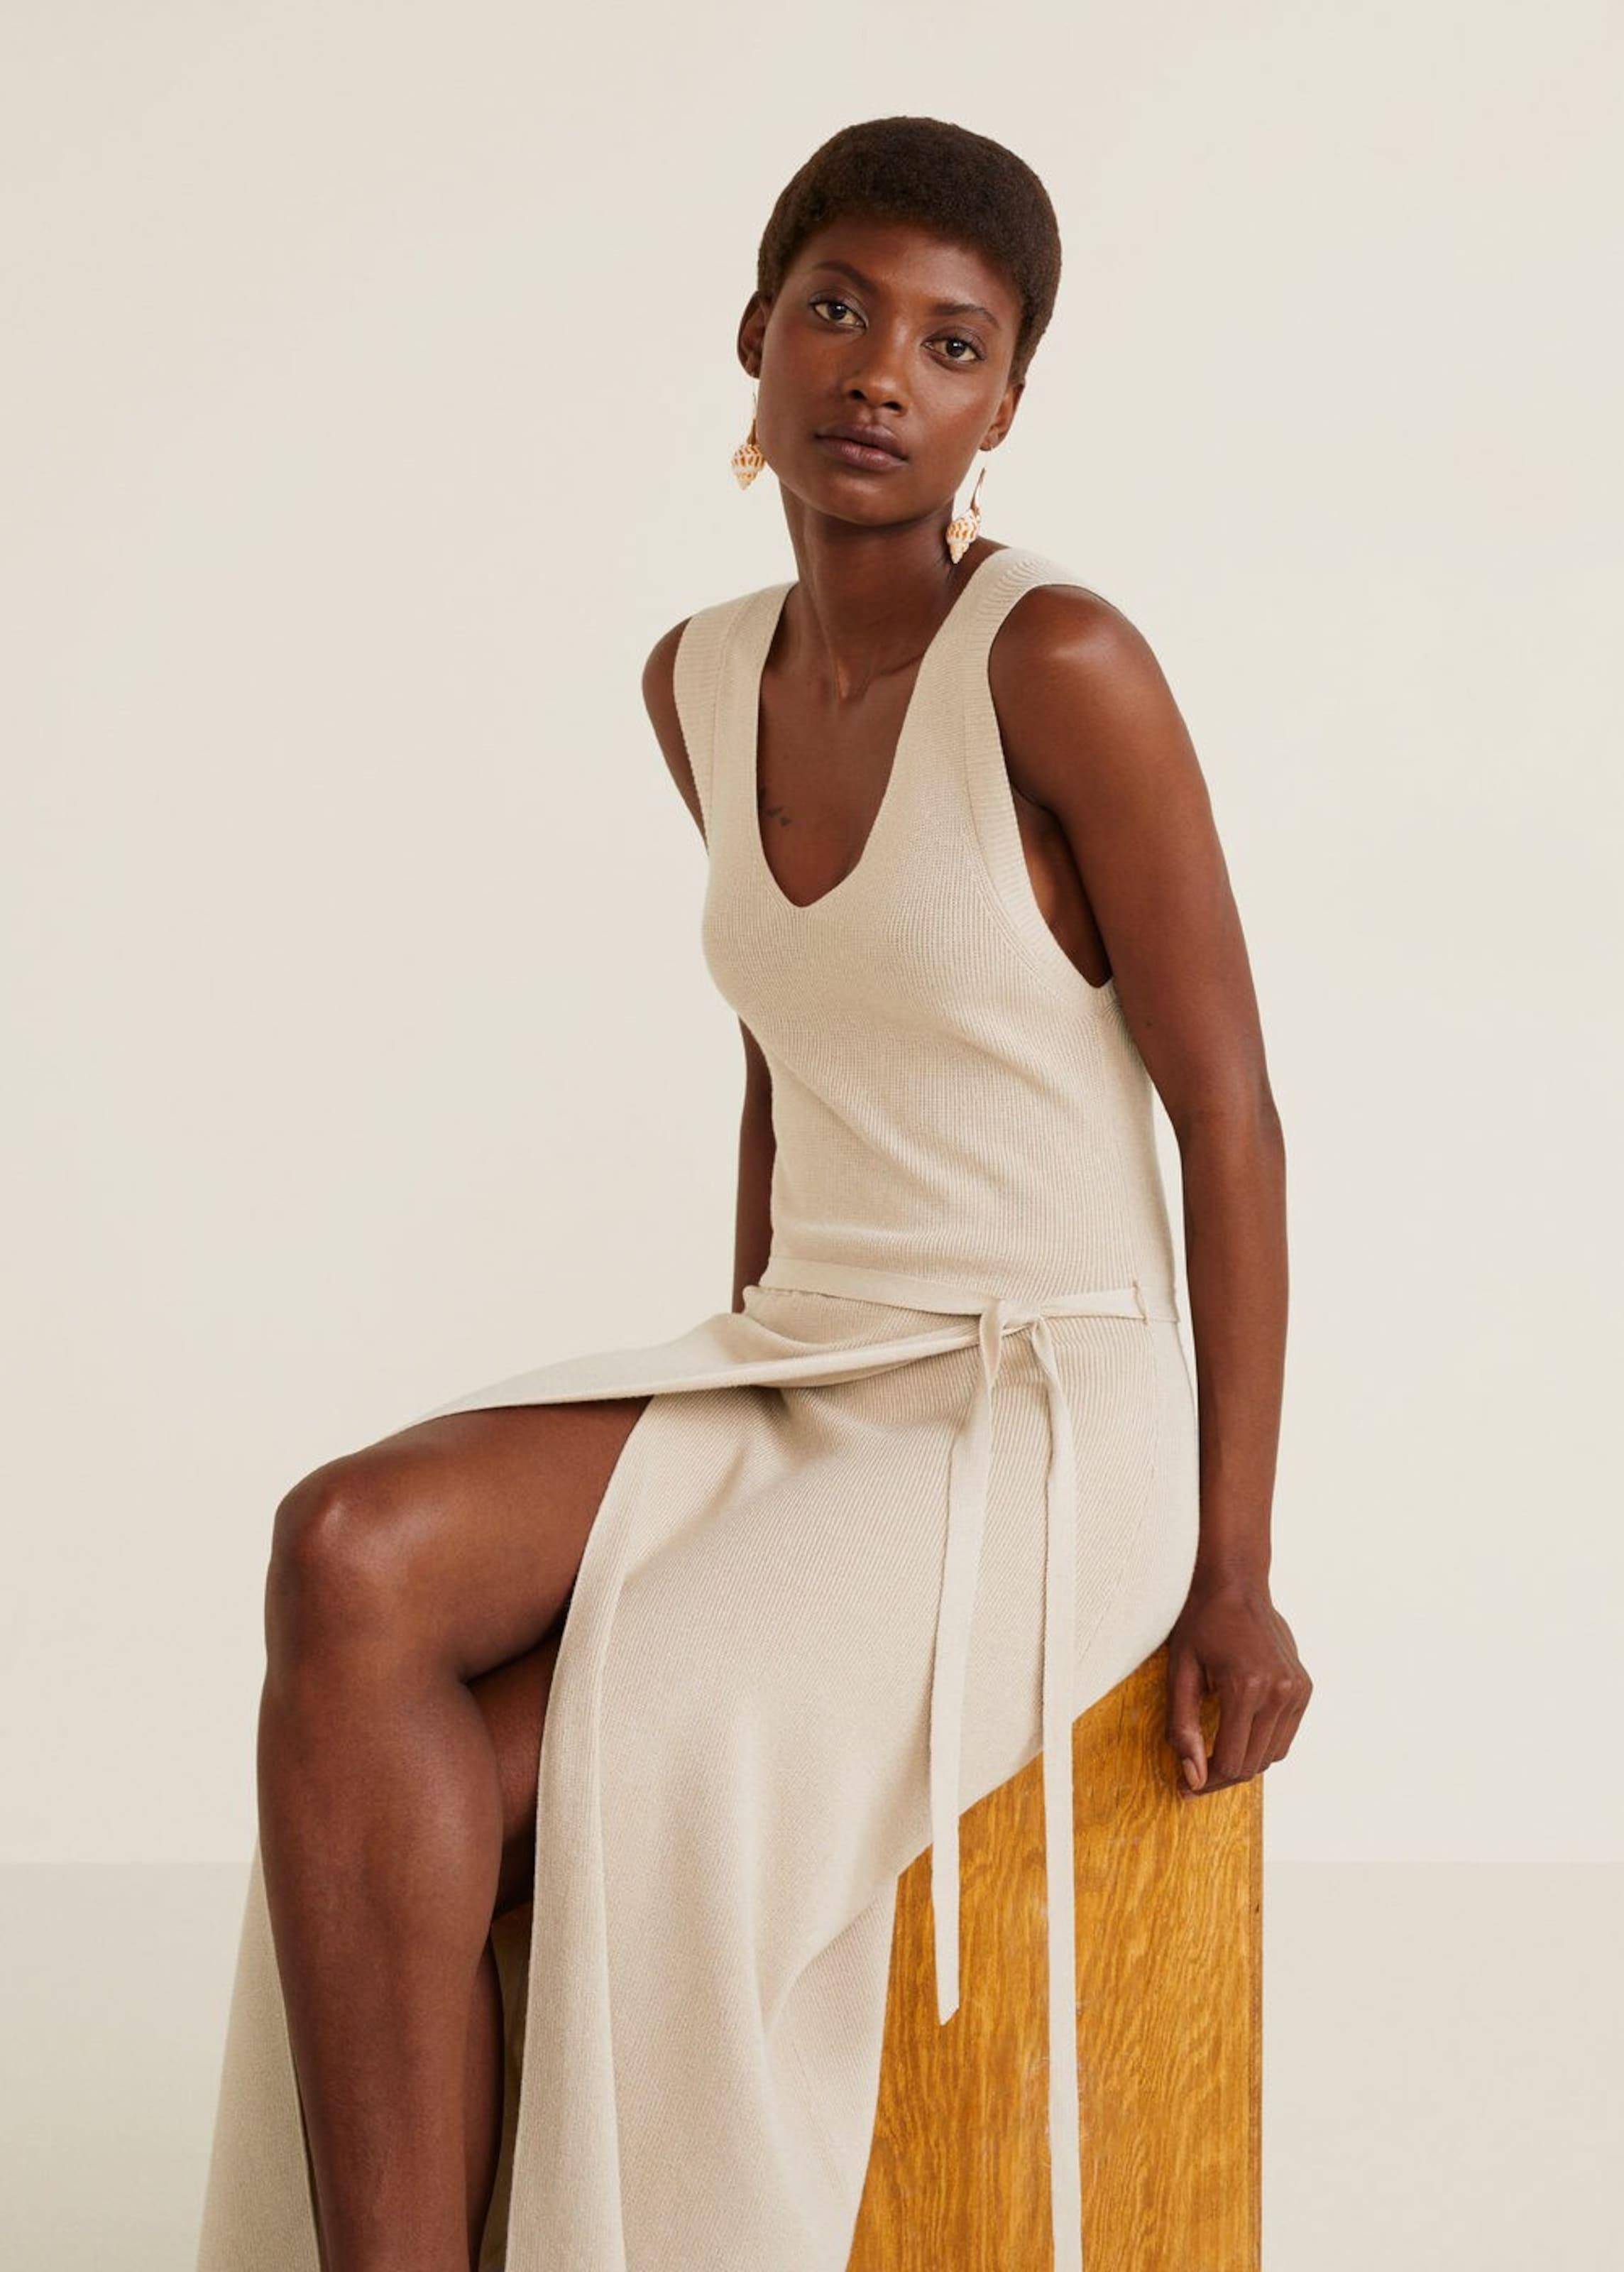 Mango Kleid Sand In Mango 'safari' Mango Kleid In 'safari' Sand In 'safari' Kleid KTlc1FJ3